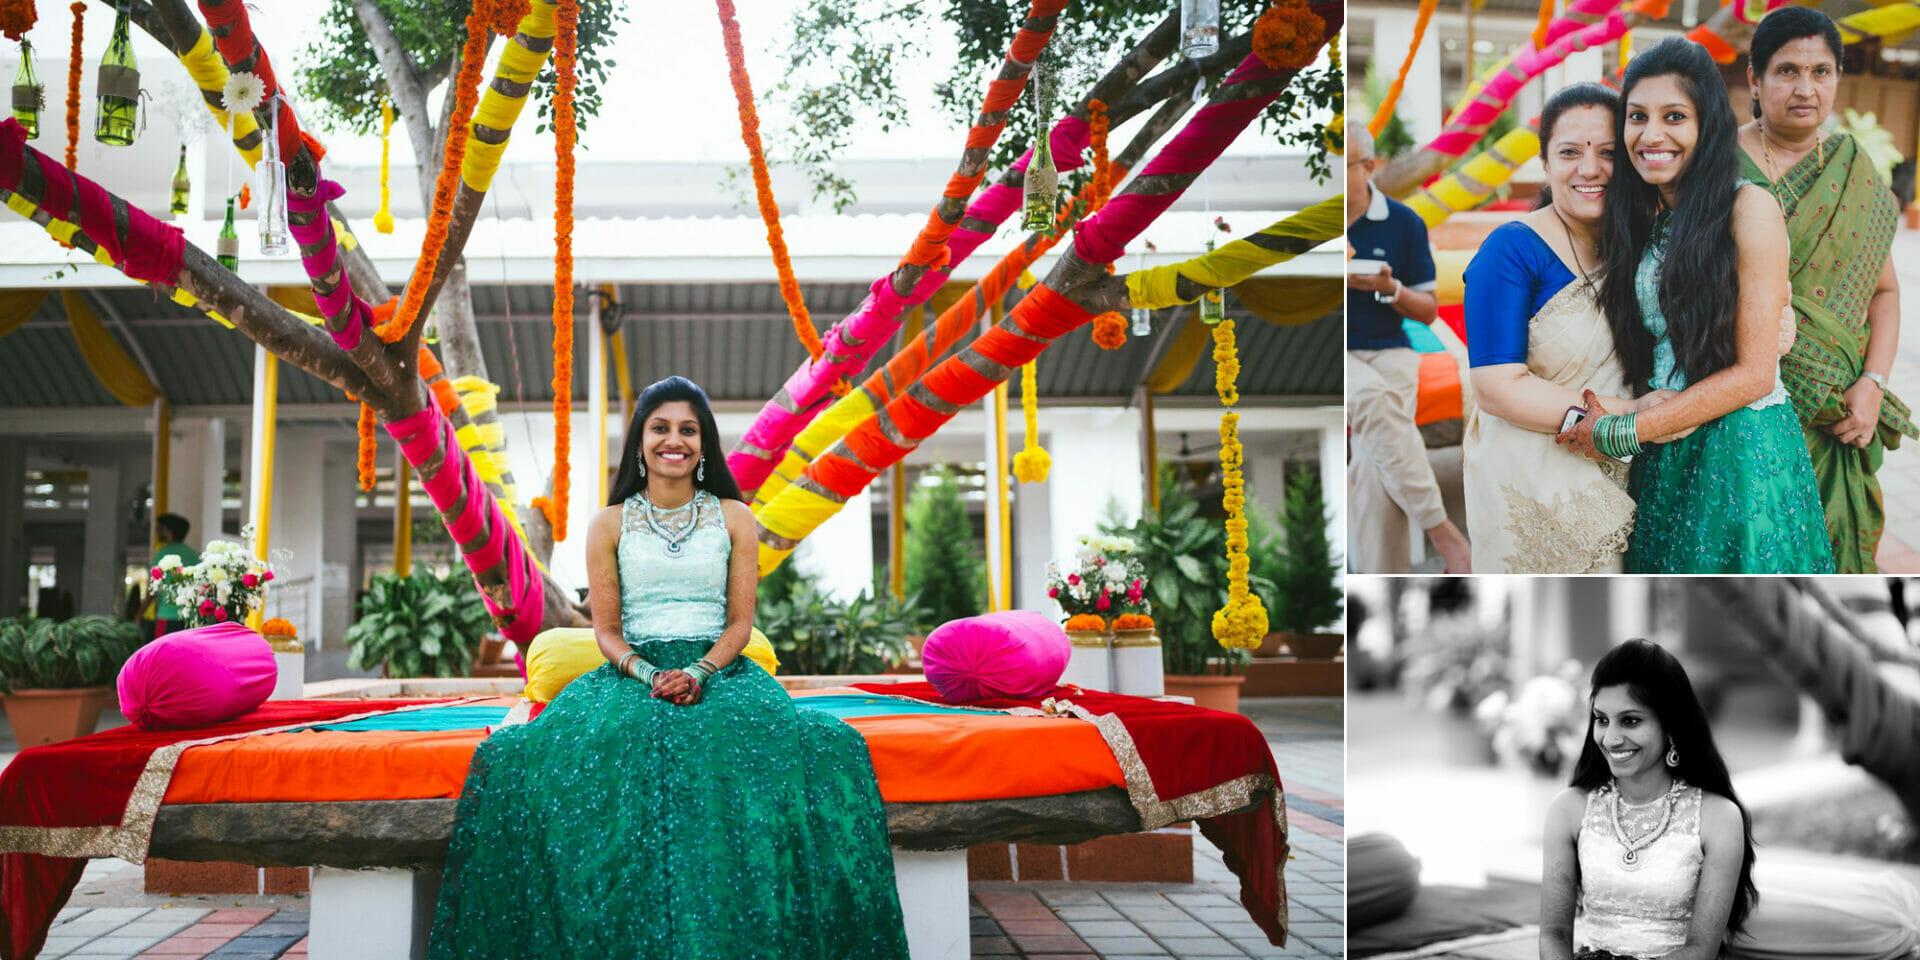 shruti annayya sree vikash photography mehandi sangeeth kalathur gardens 12